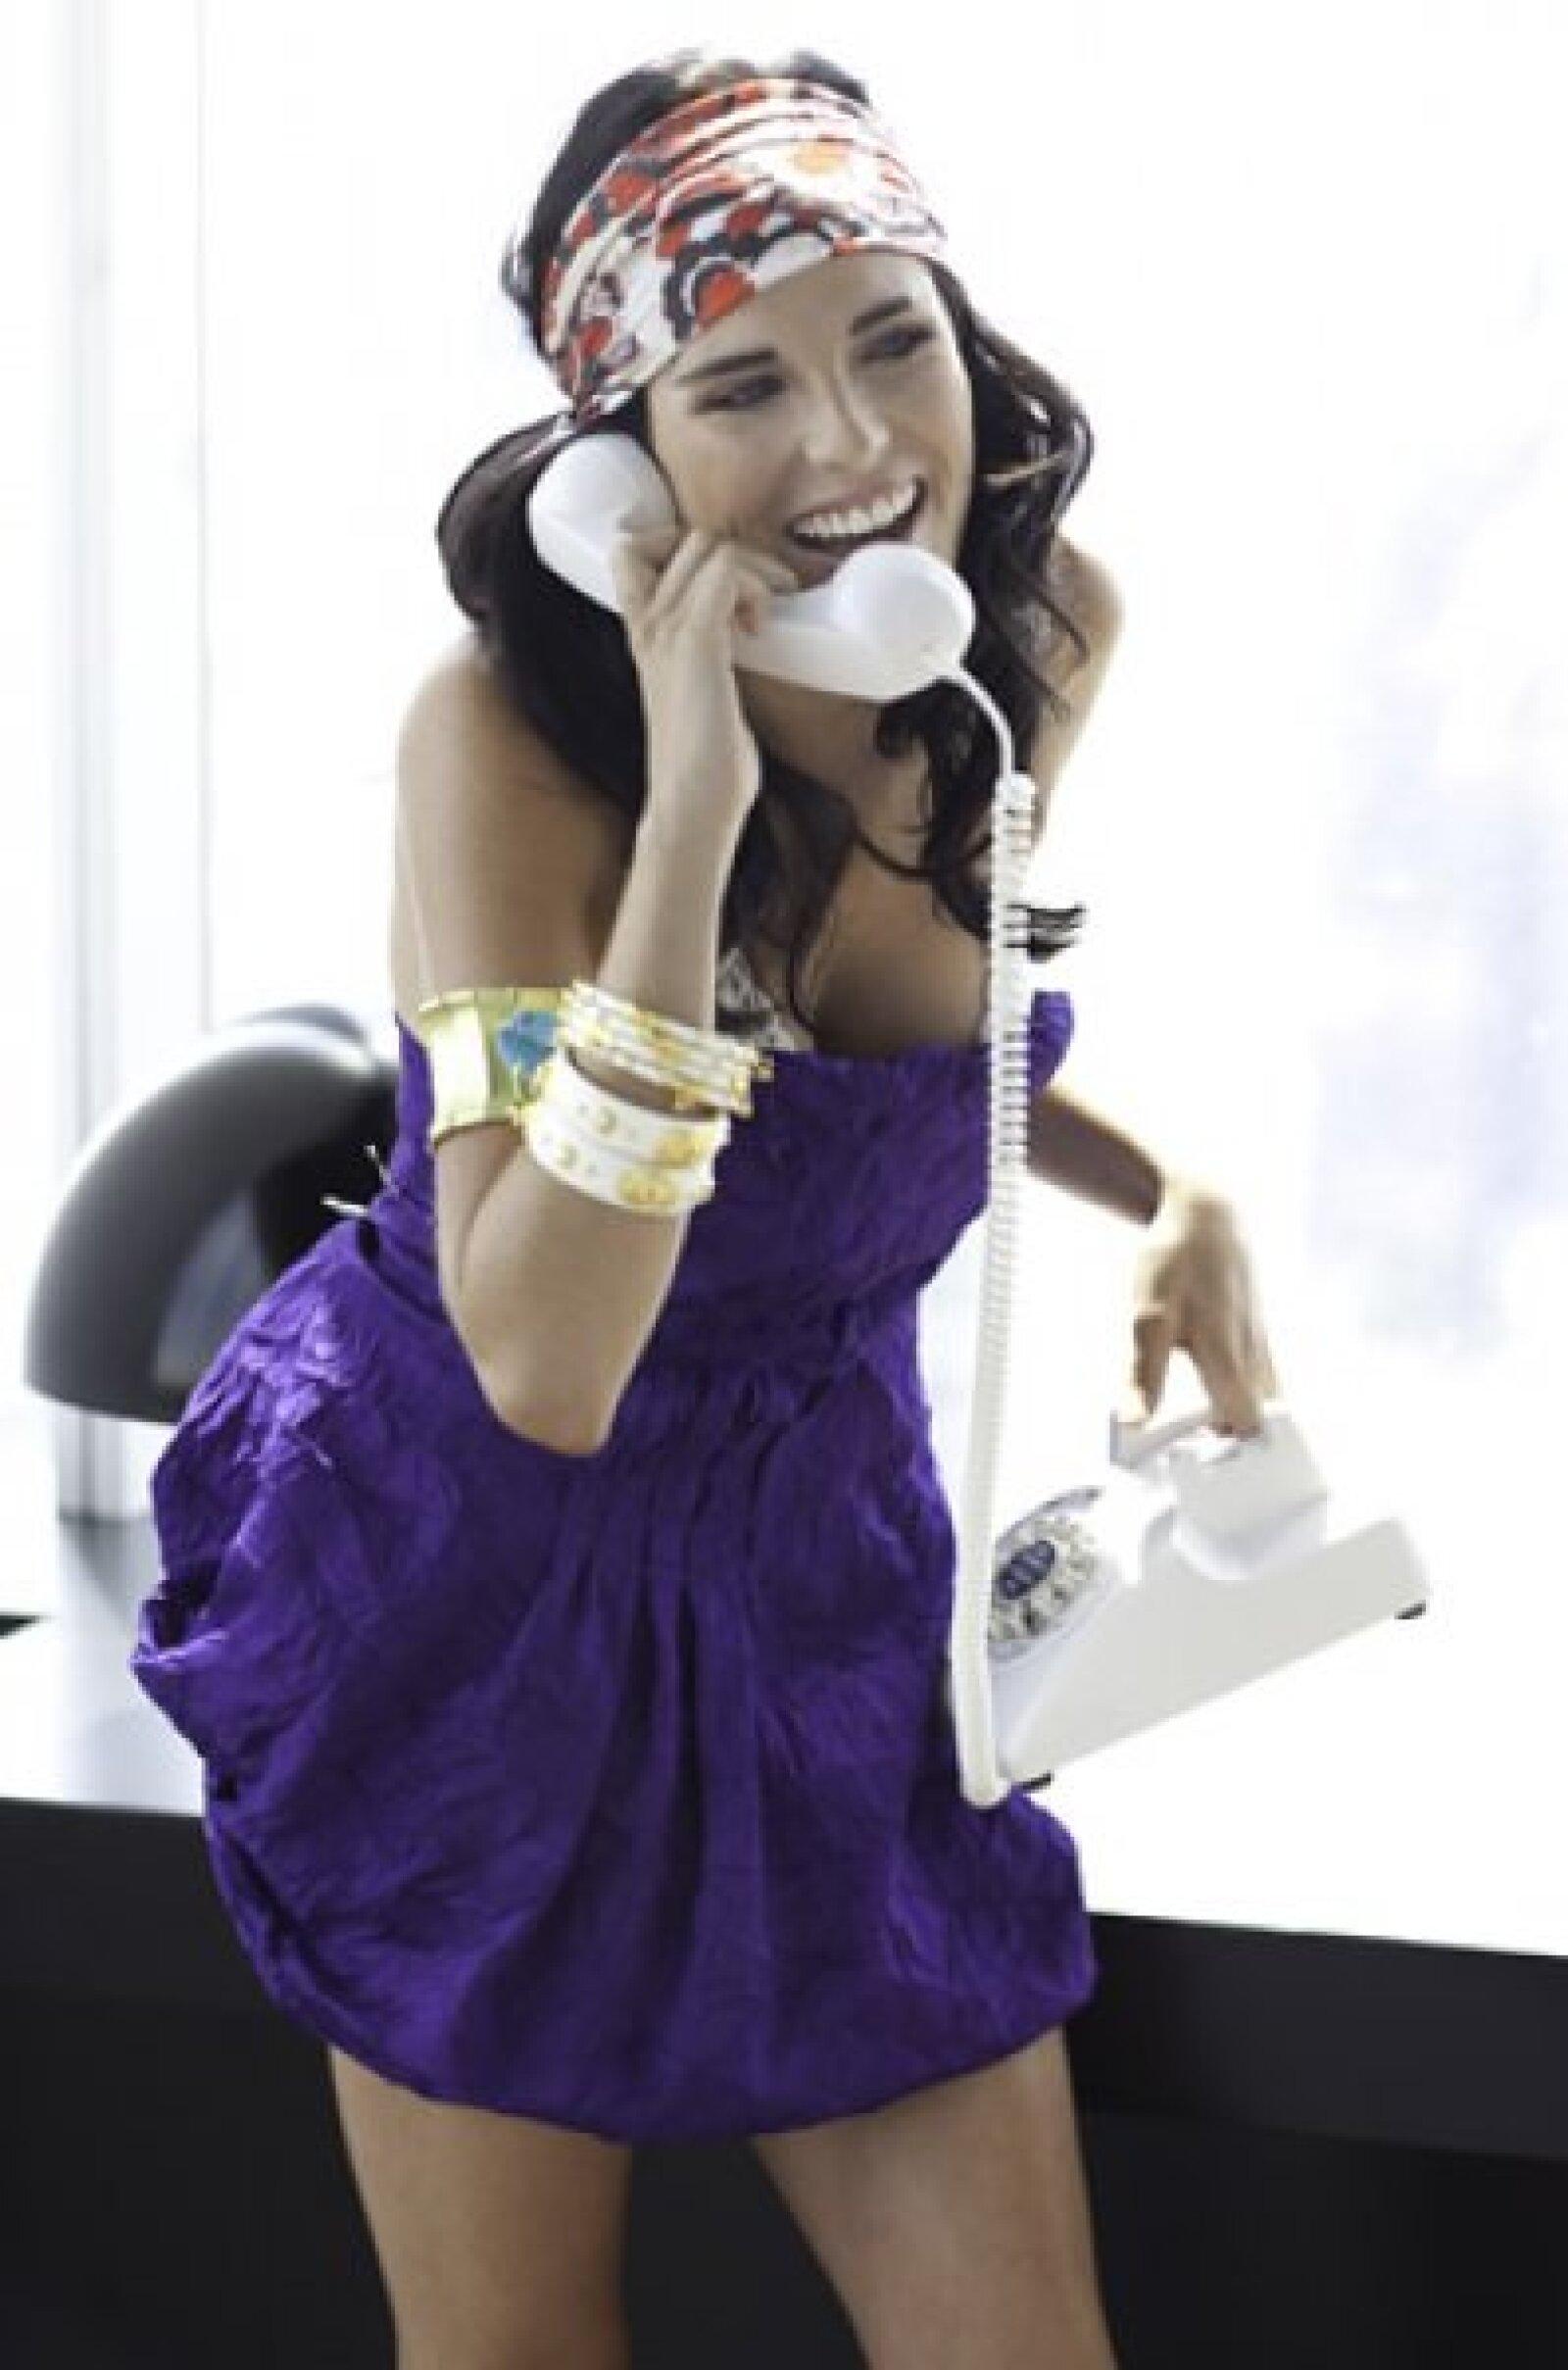 La actriz de Verano de amor tiene una gran personalidad dentro y fuera de cámaras.